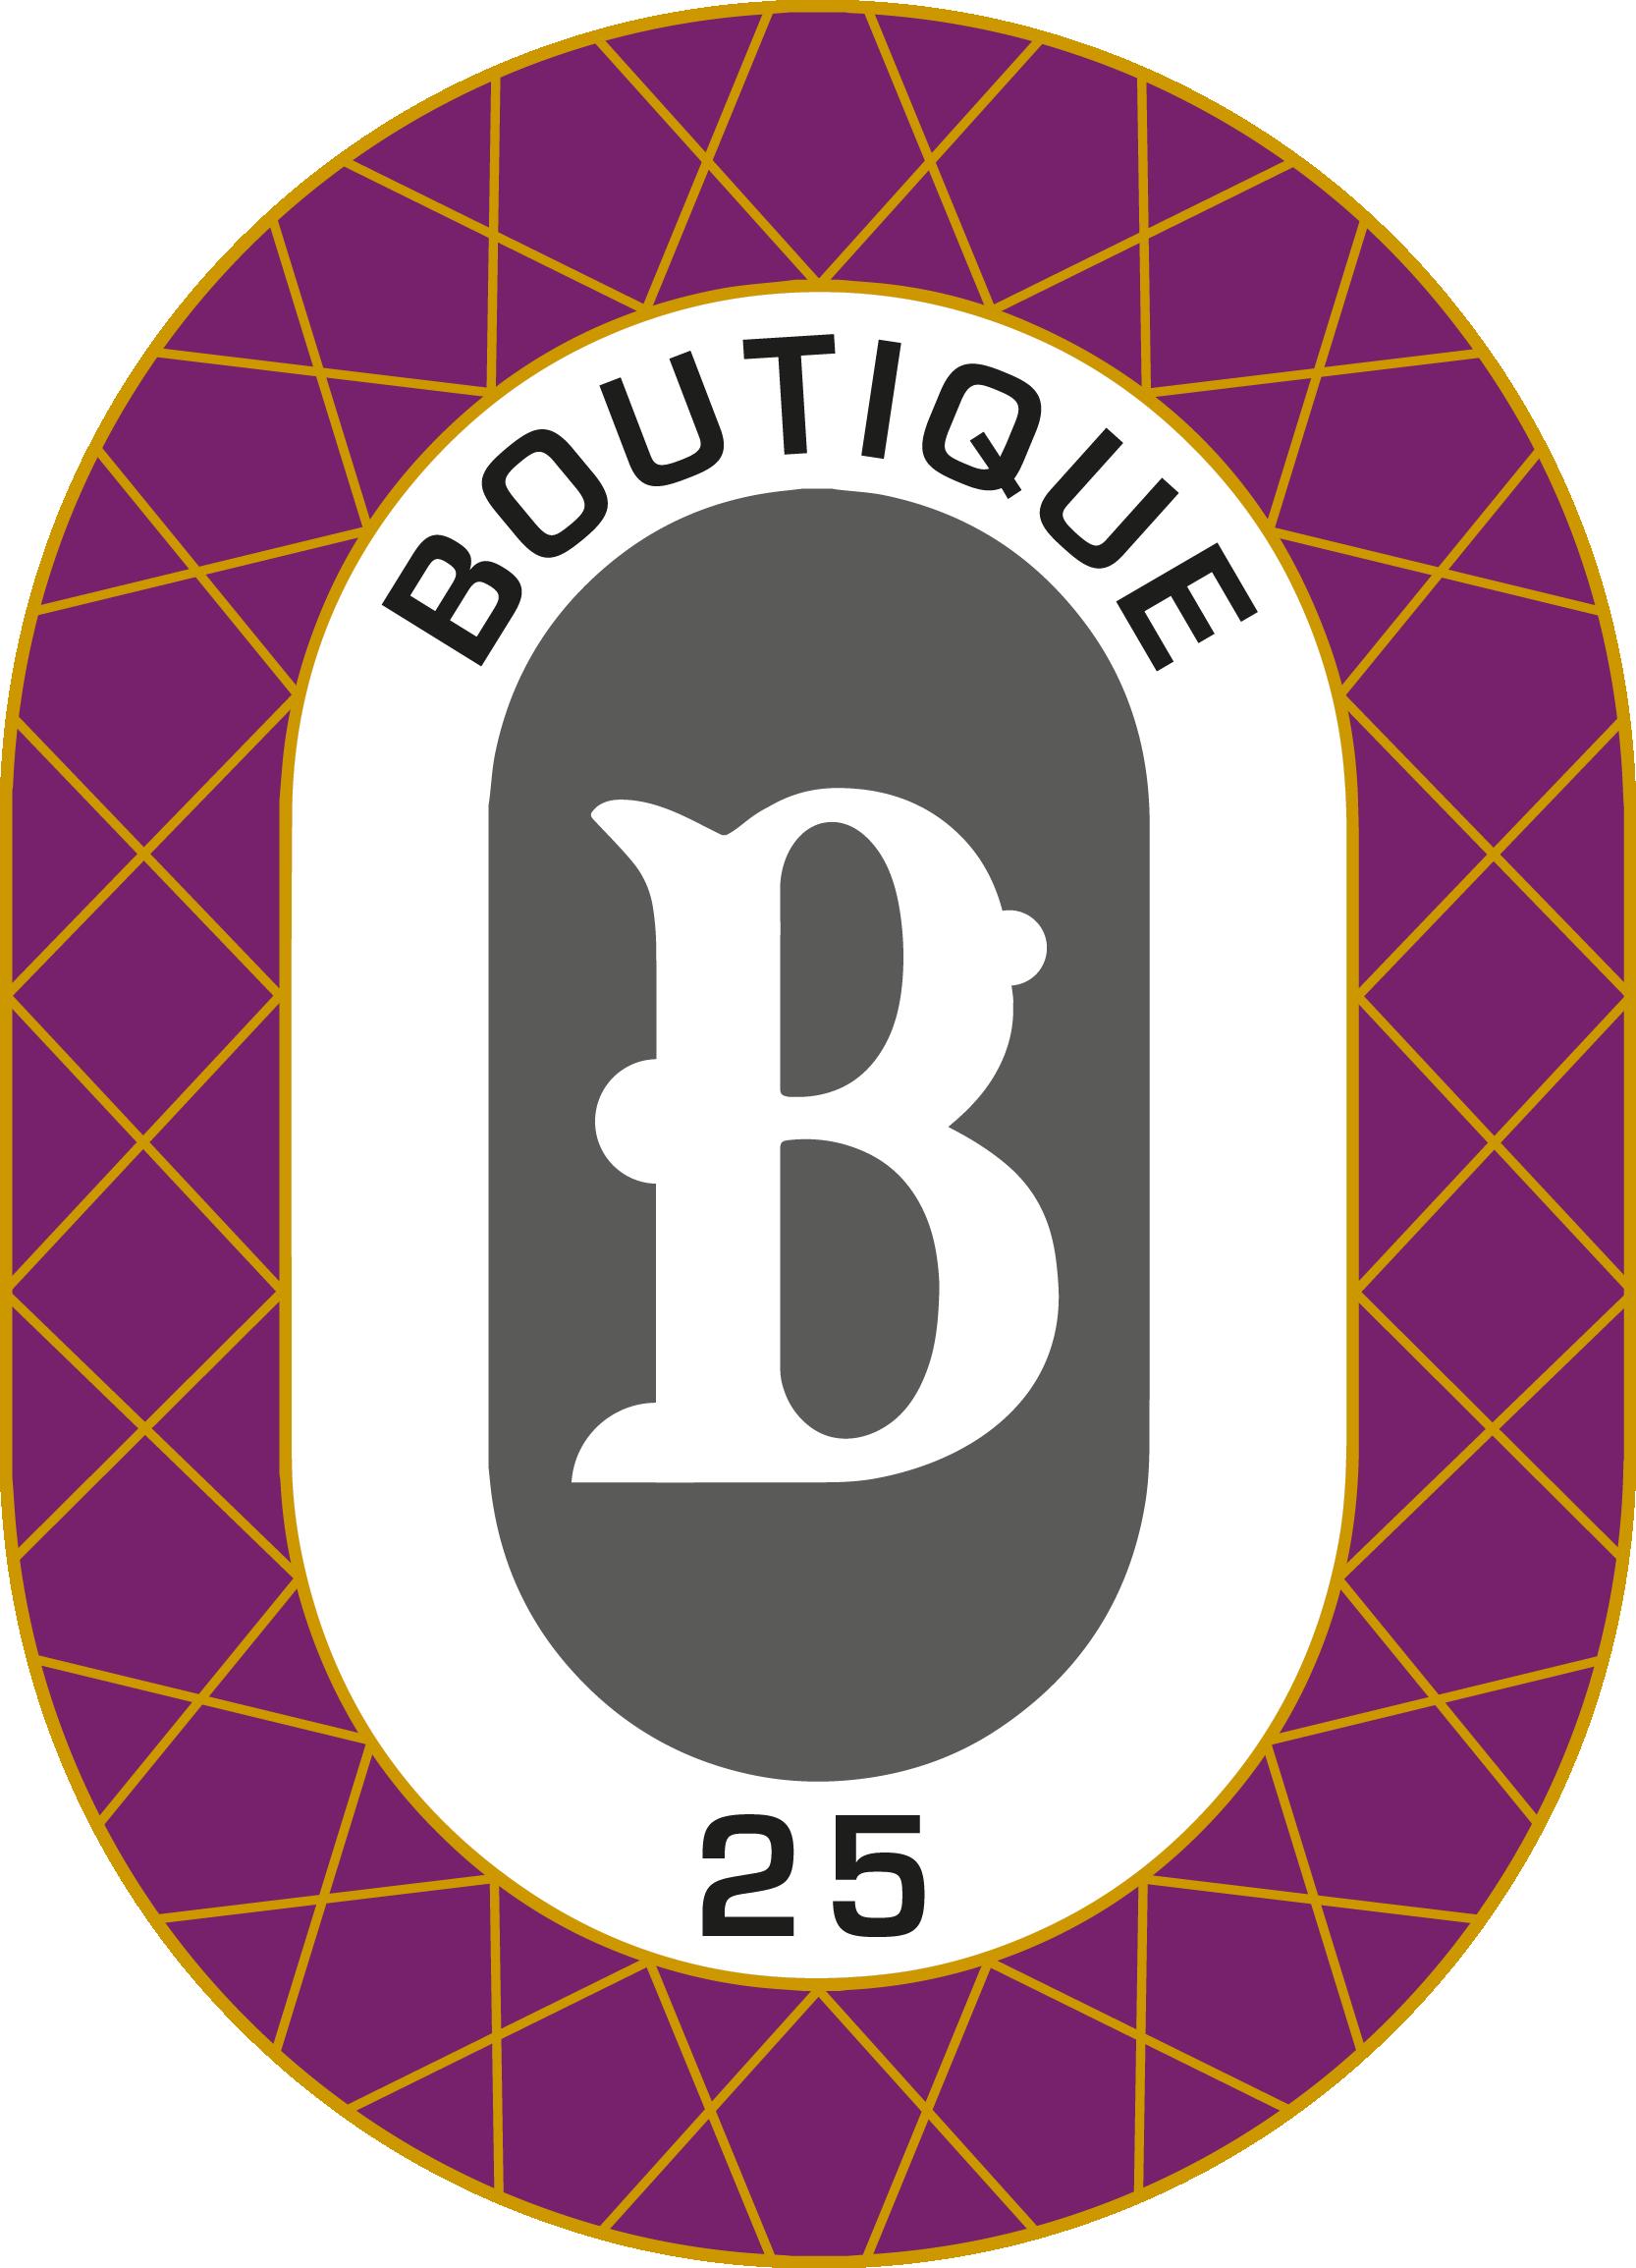 Boutique25